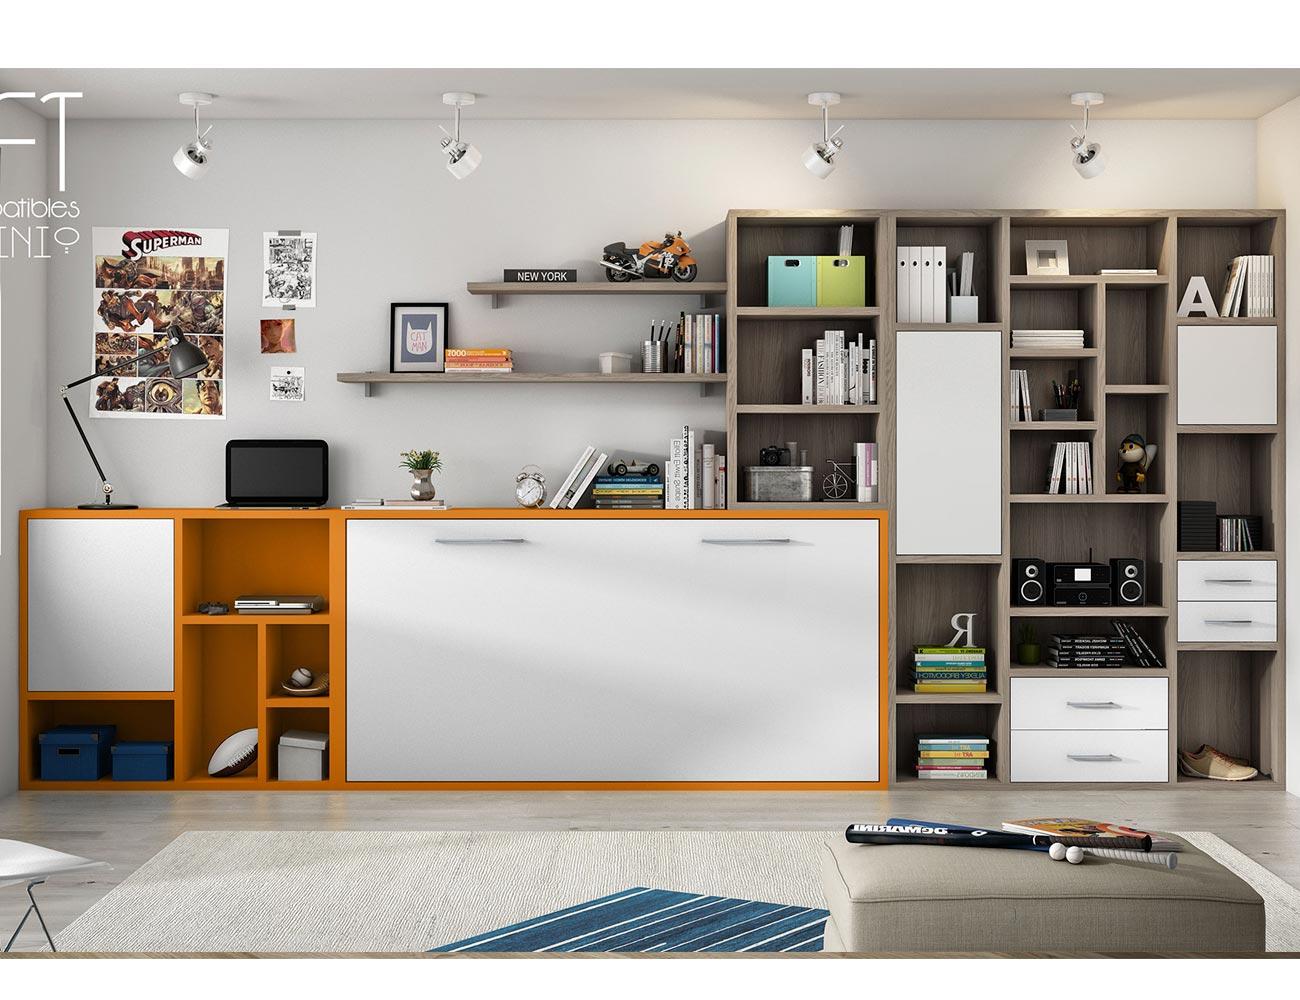 Dormitorio juvenil cama abatible con armario libreria